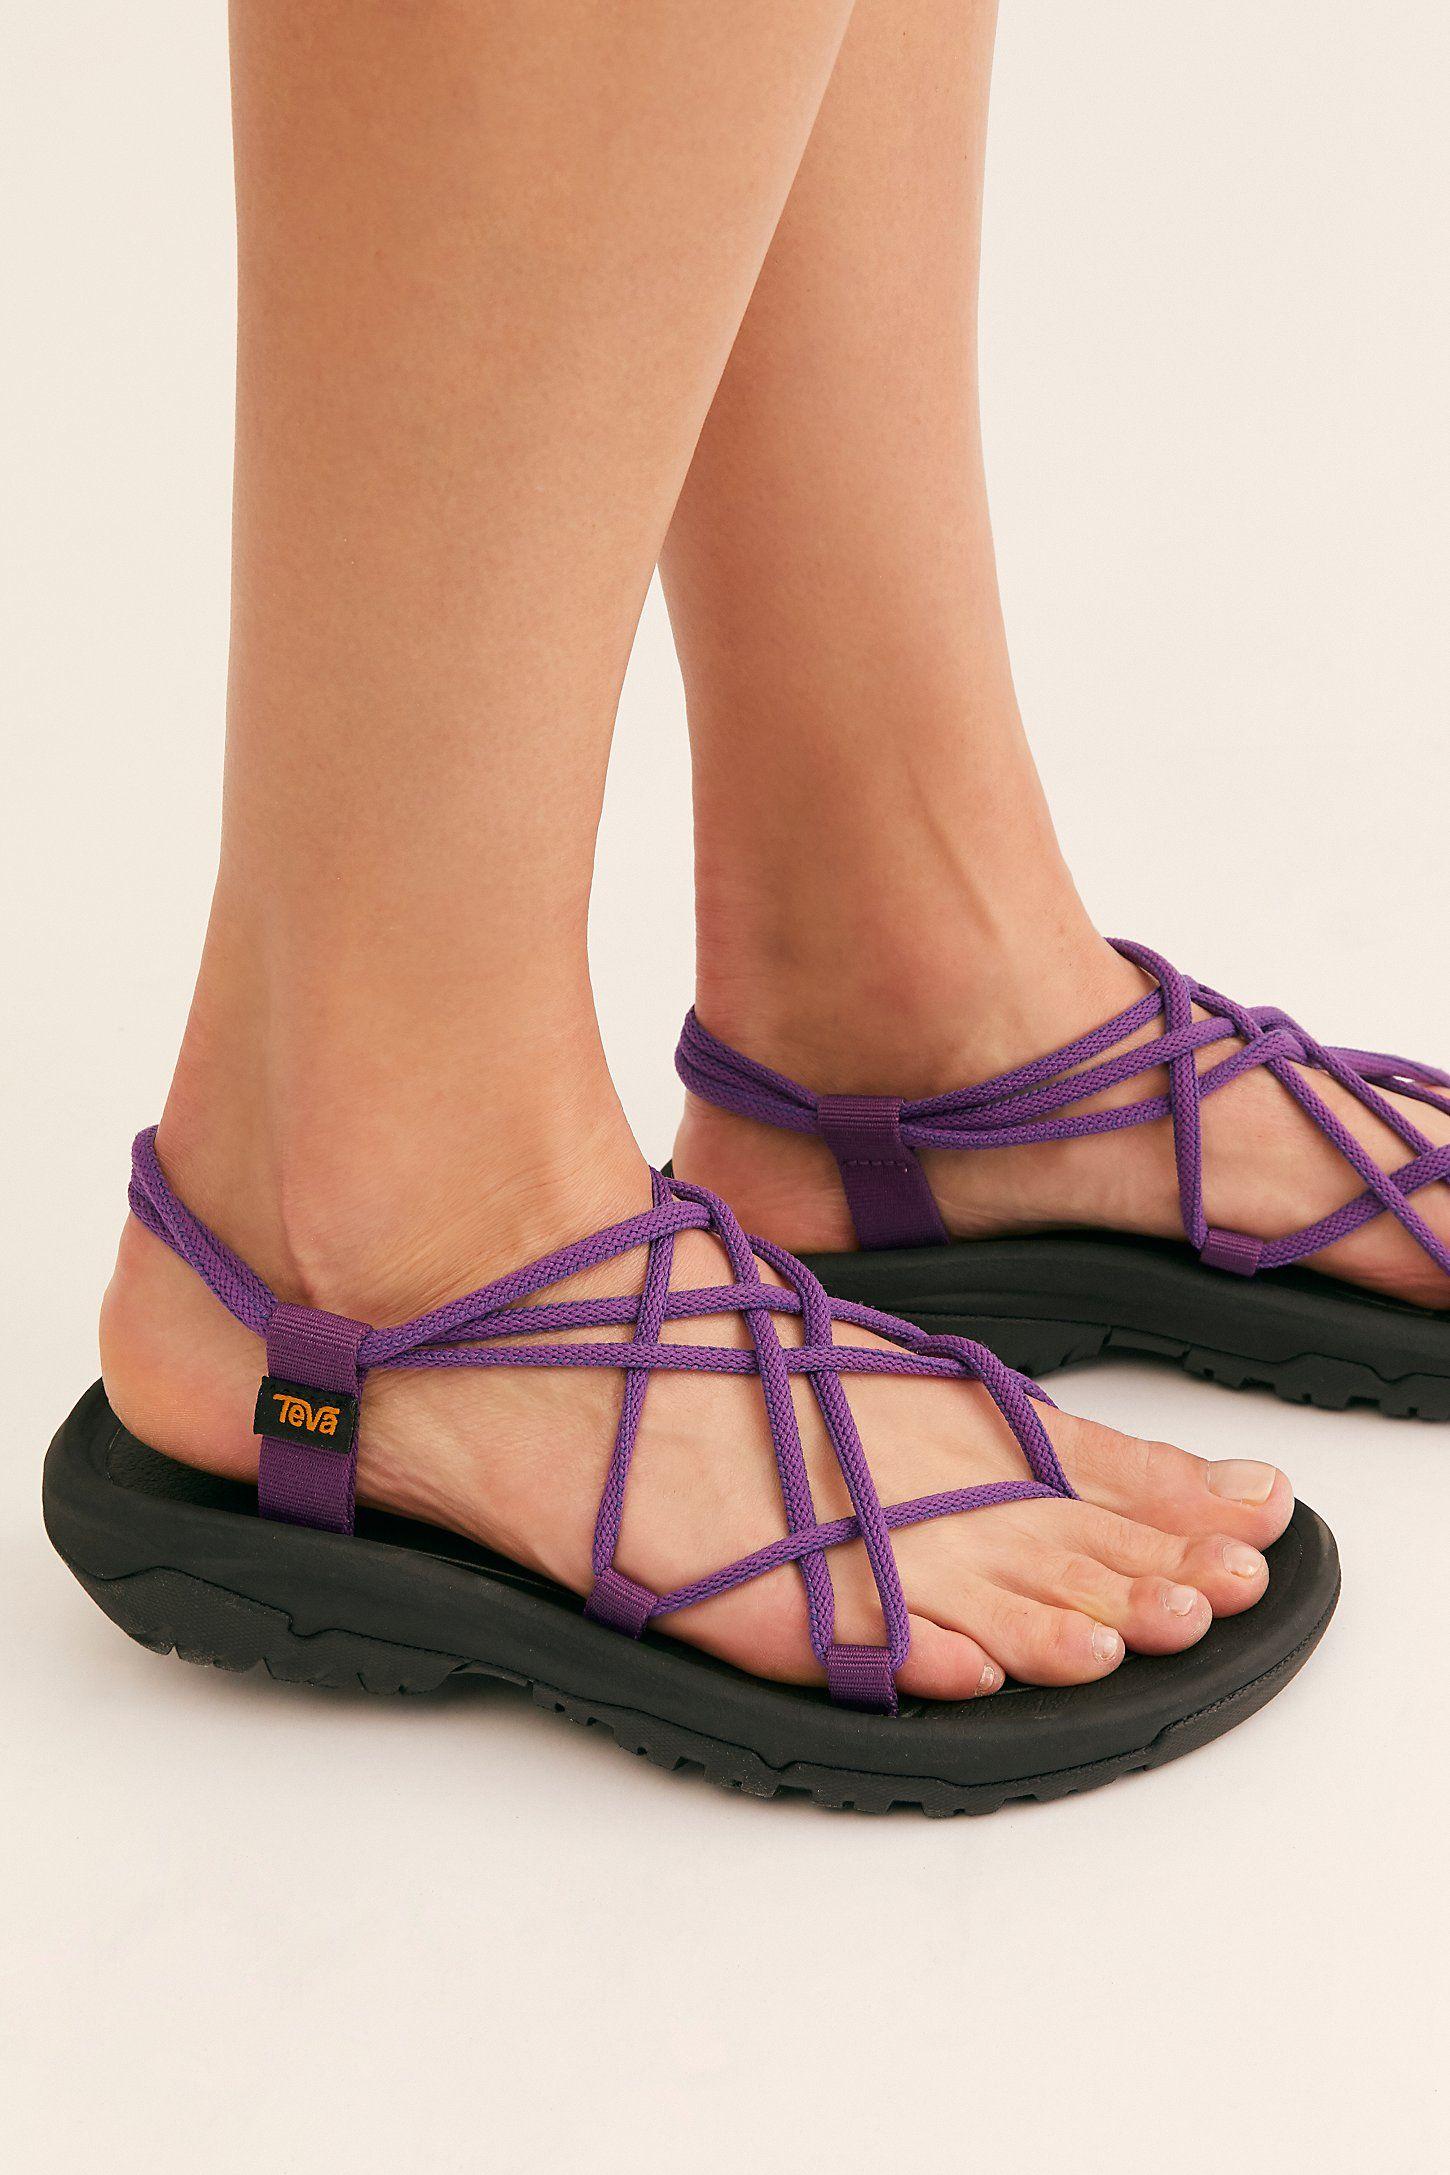 Teva Hurricane Xlt Infinity Sandals Free People In 2020 Teva Funky Shoes Teva Sandals